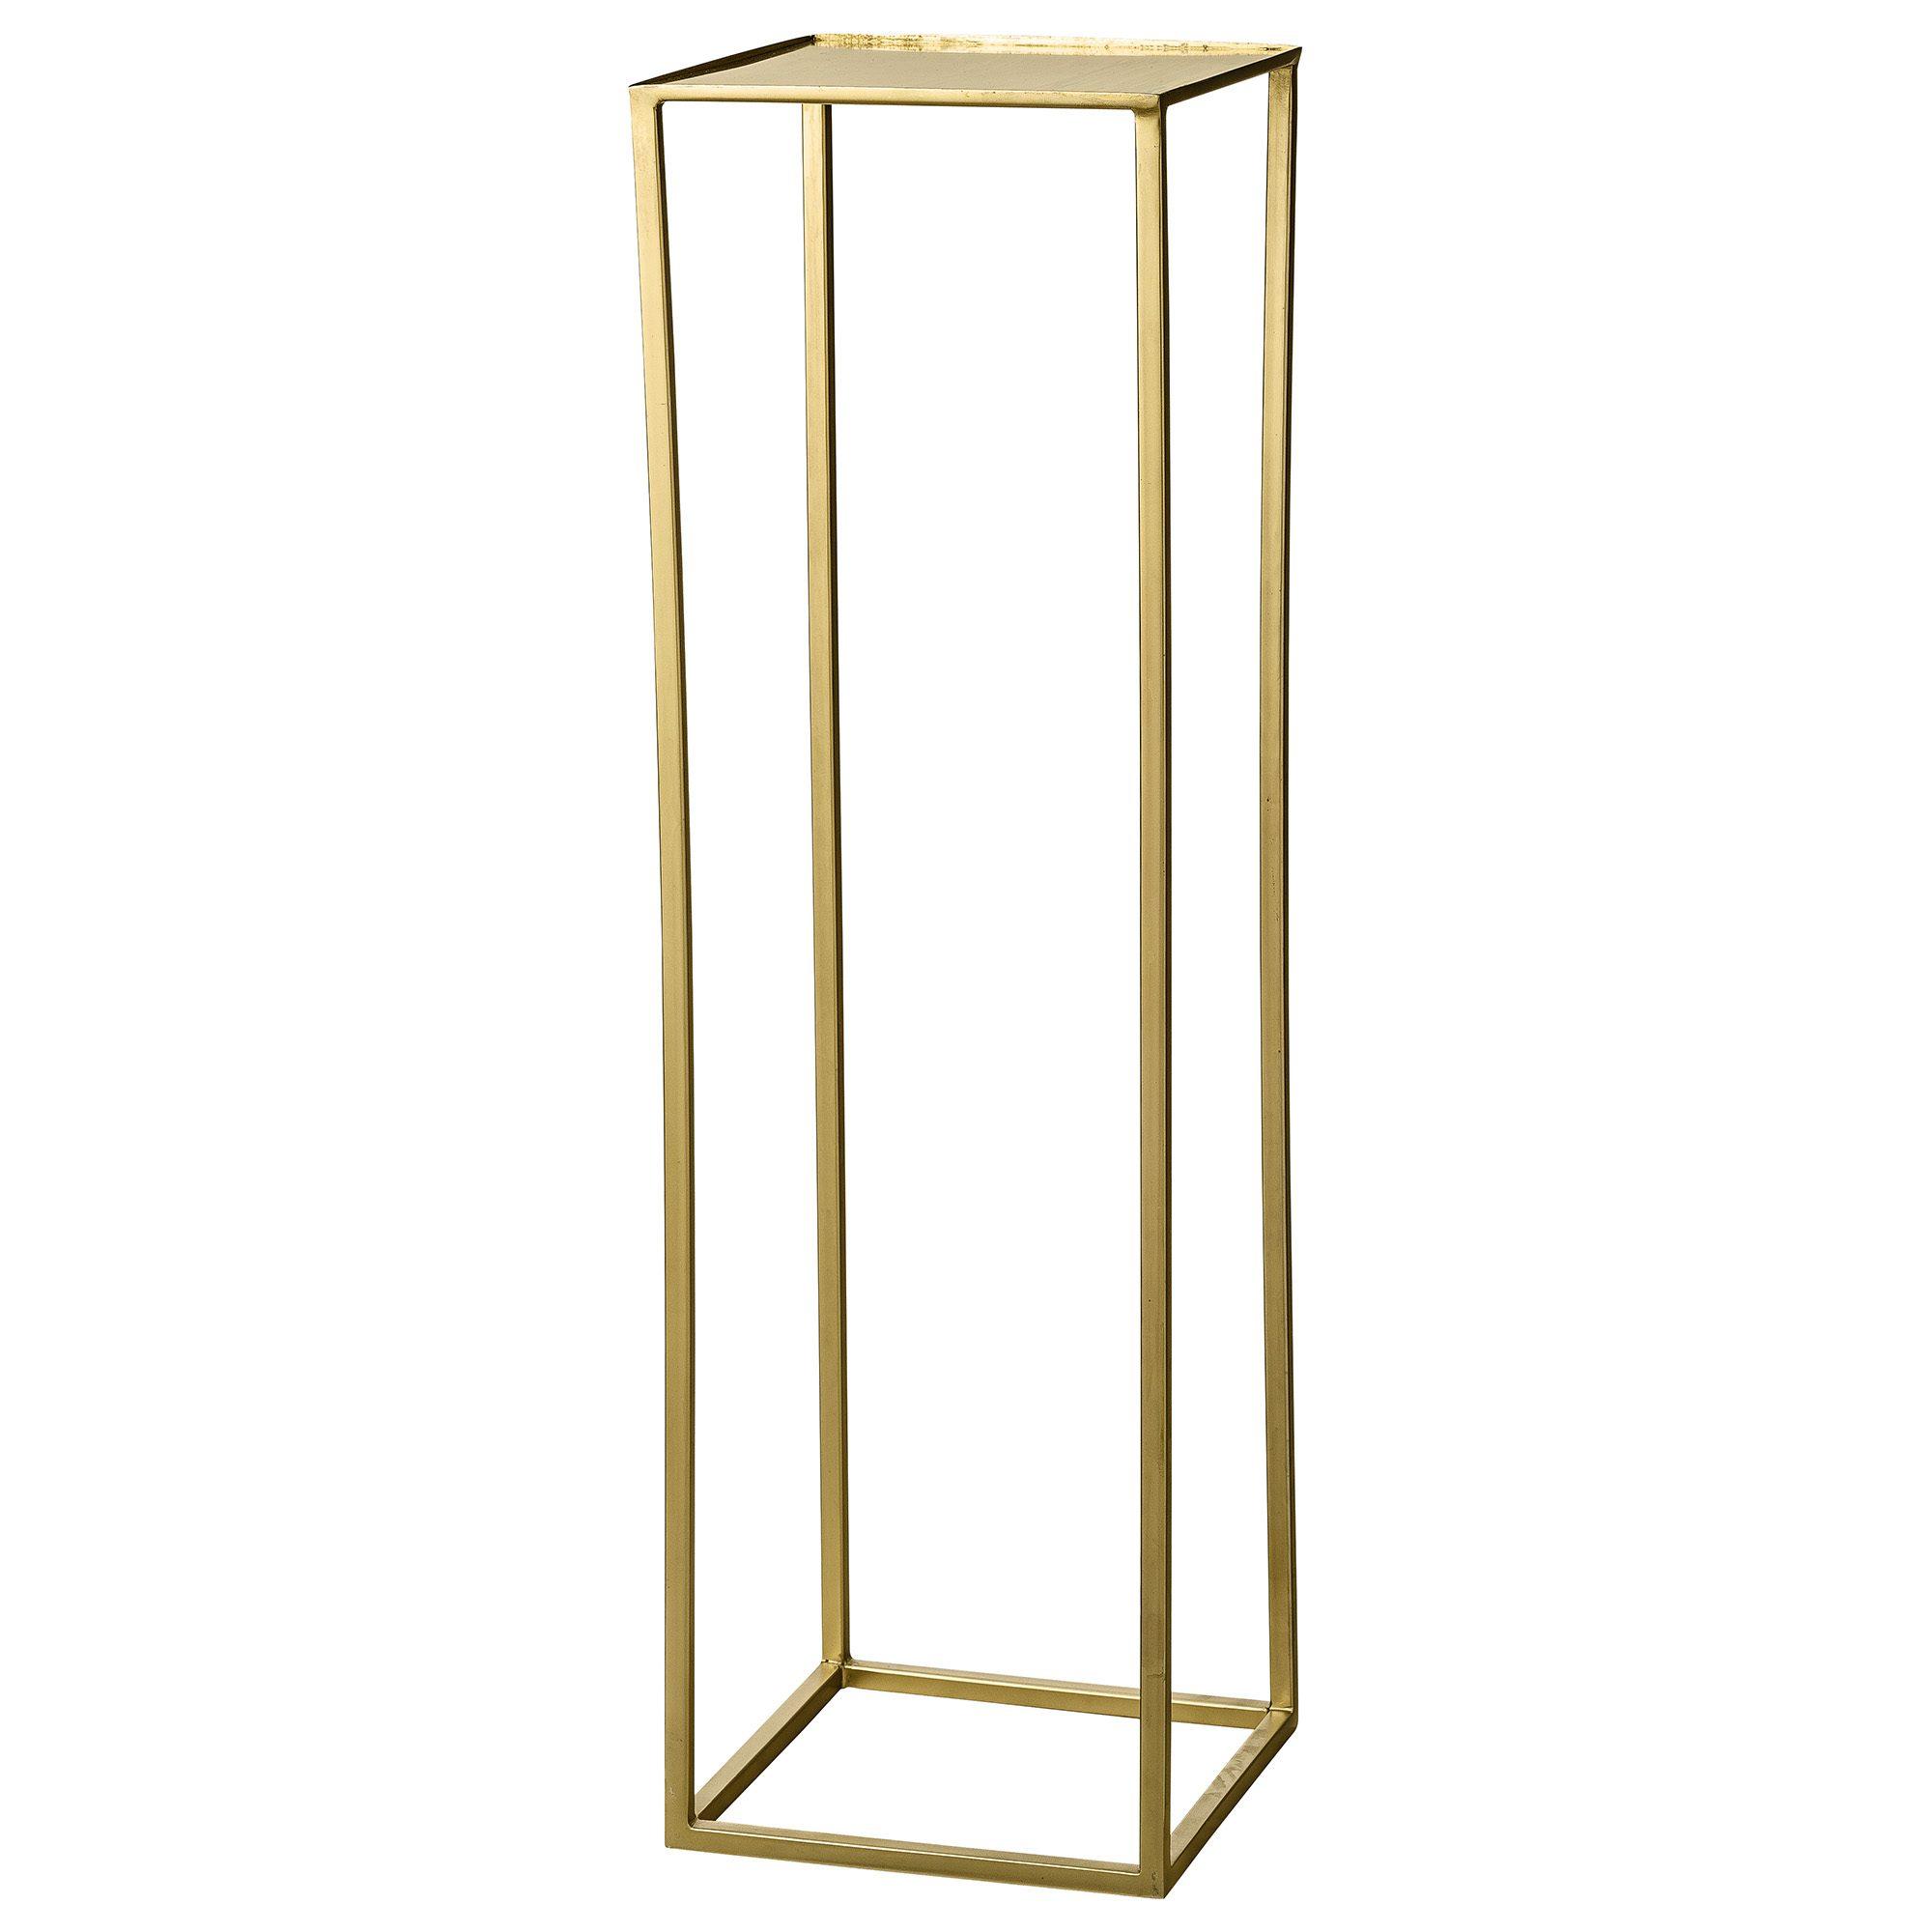 Blumenständer Gold Blumentisch Konsole Tischständer Centerpiece Holder High